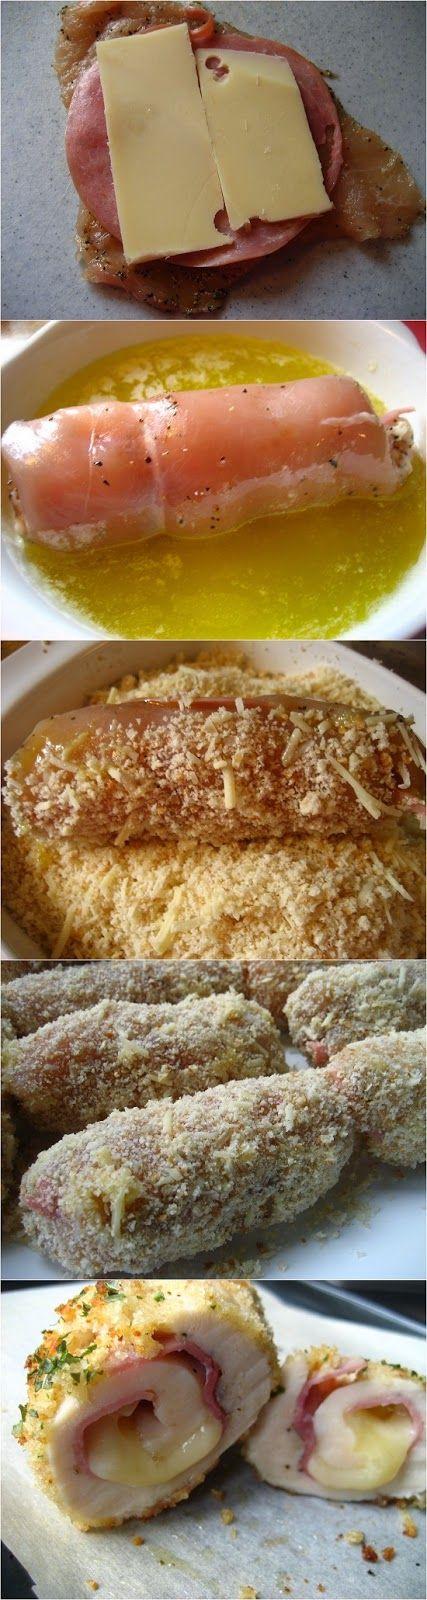 ¡Fácil y deliciosa receta de gordon blue! Sólo necesitarás filetes de pechuga de pollo, rebanadas de jamón y queso amarillo para el relleno y un par de huevos batidos y pan rallado para empanizarlos.